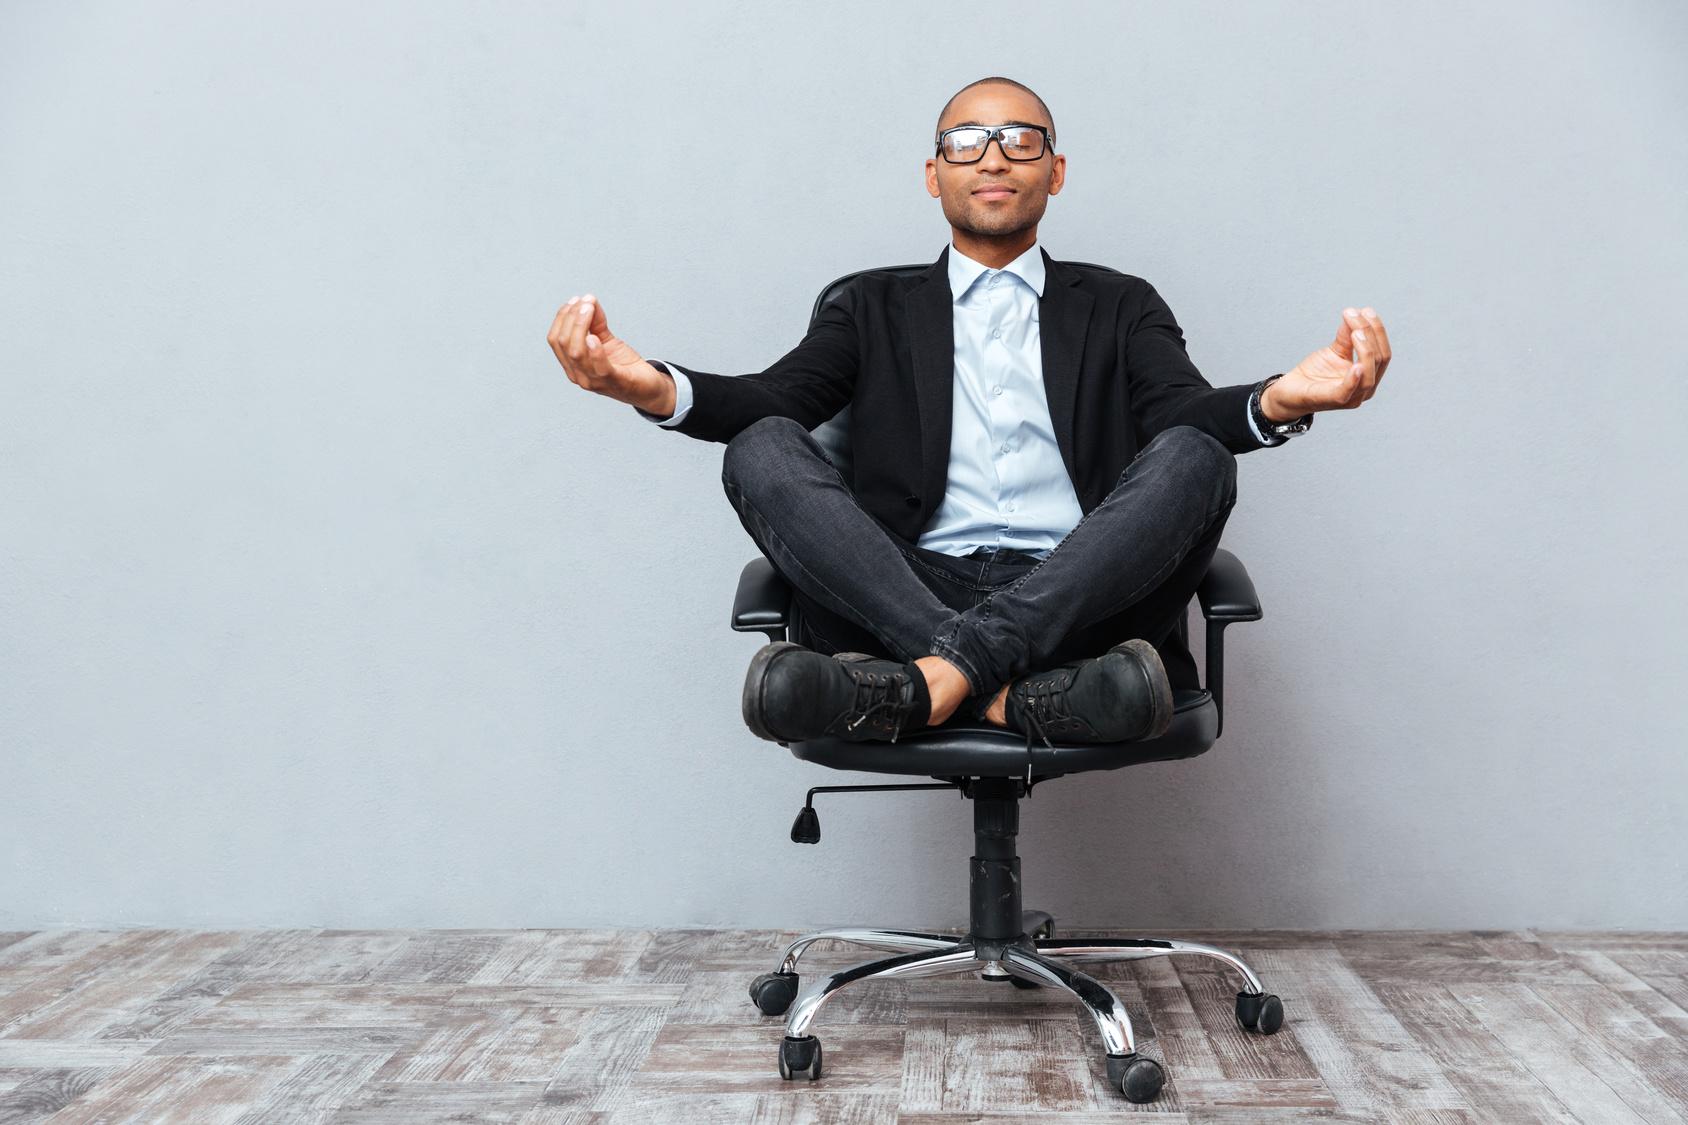 Mitarbeiterwertschätzung durch gesicherte Work-Life-Balance